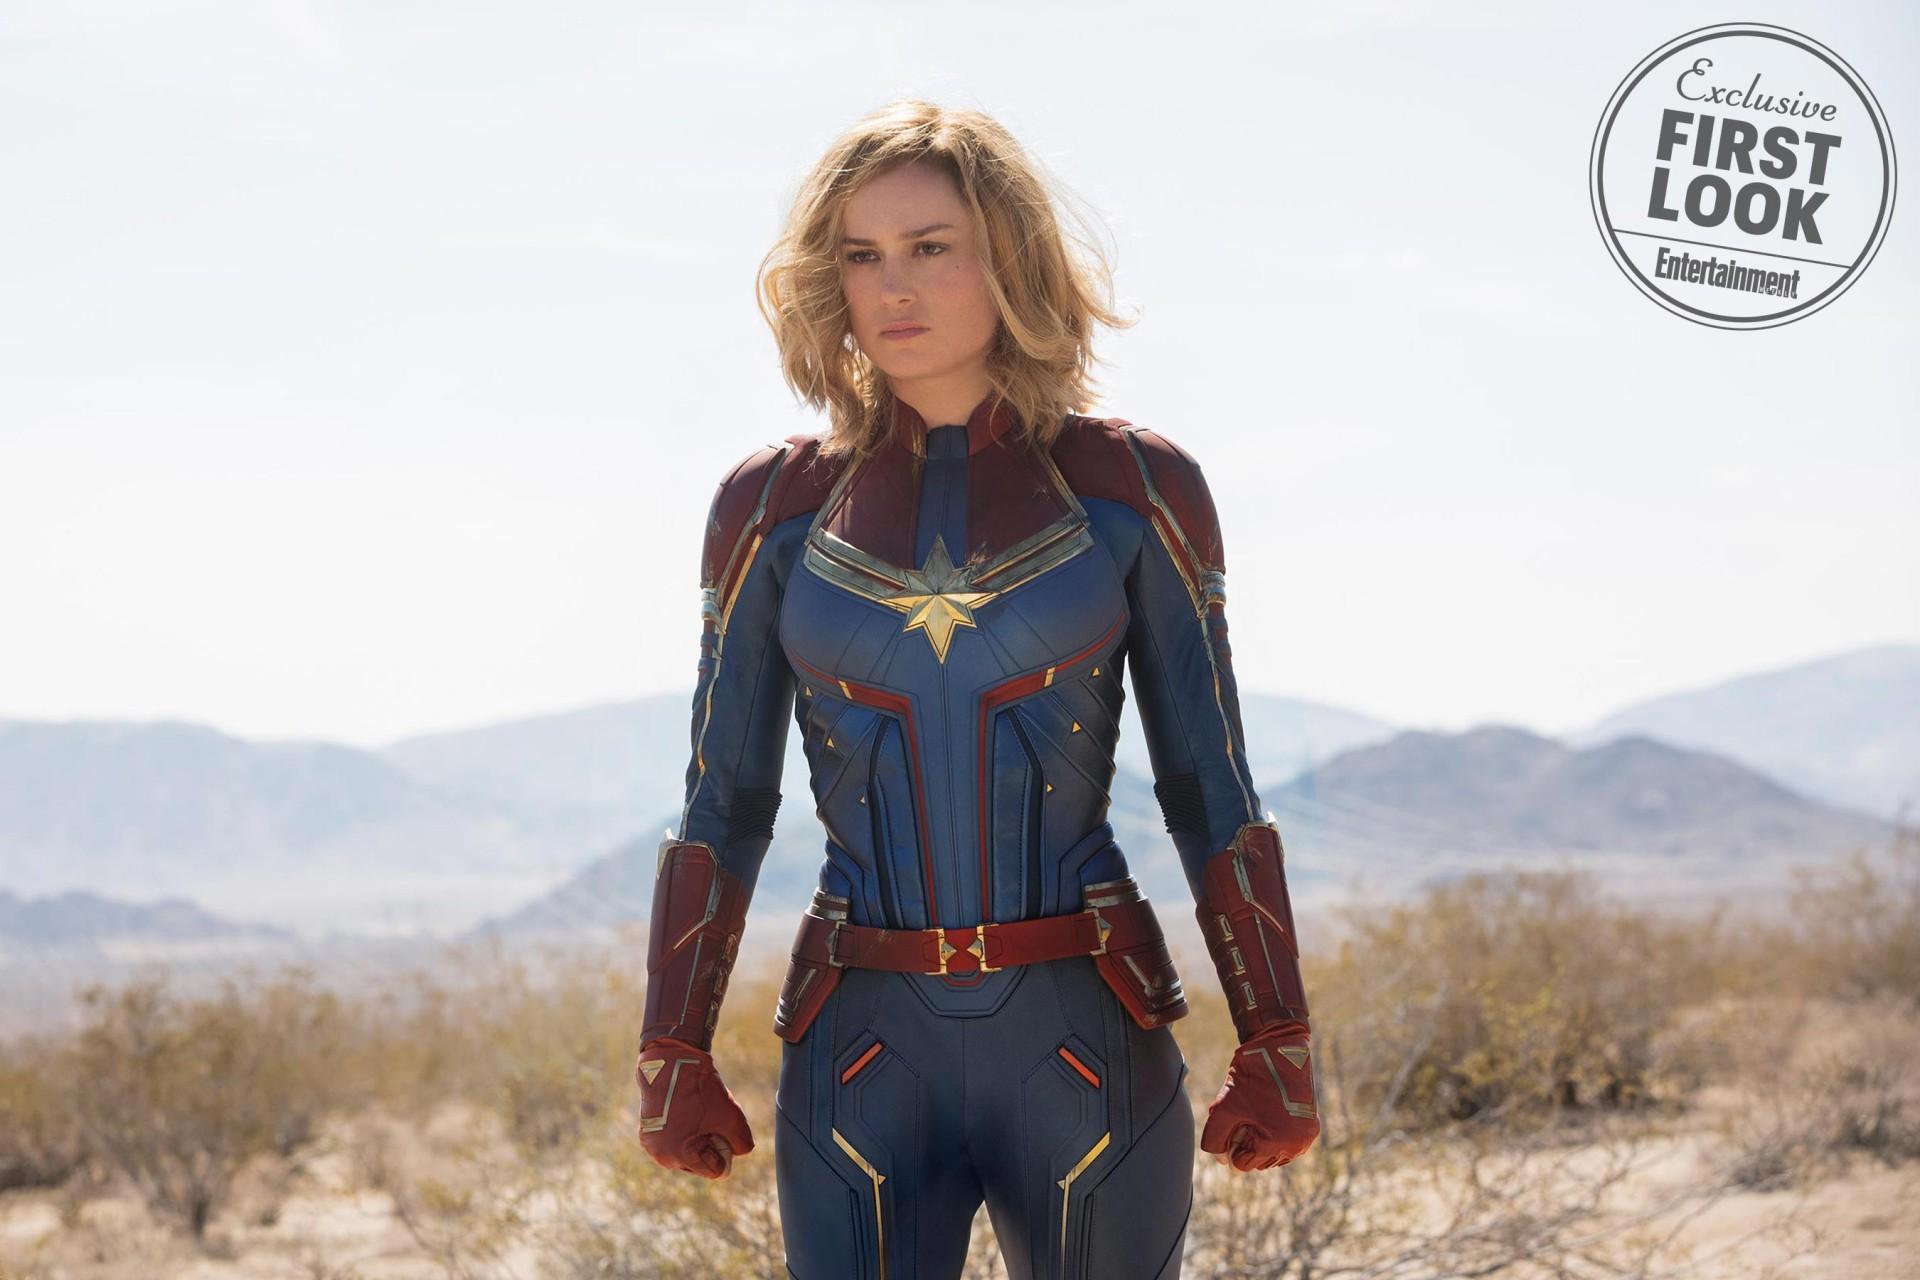 时空穿越?惊奇队长被爆是漫威电影宇宙最强大的超级英雄!插图